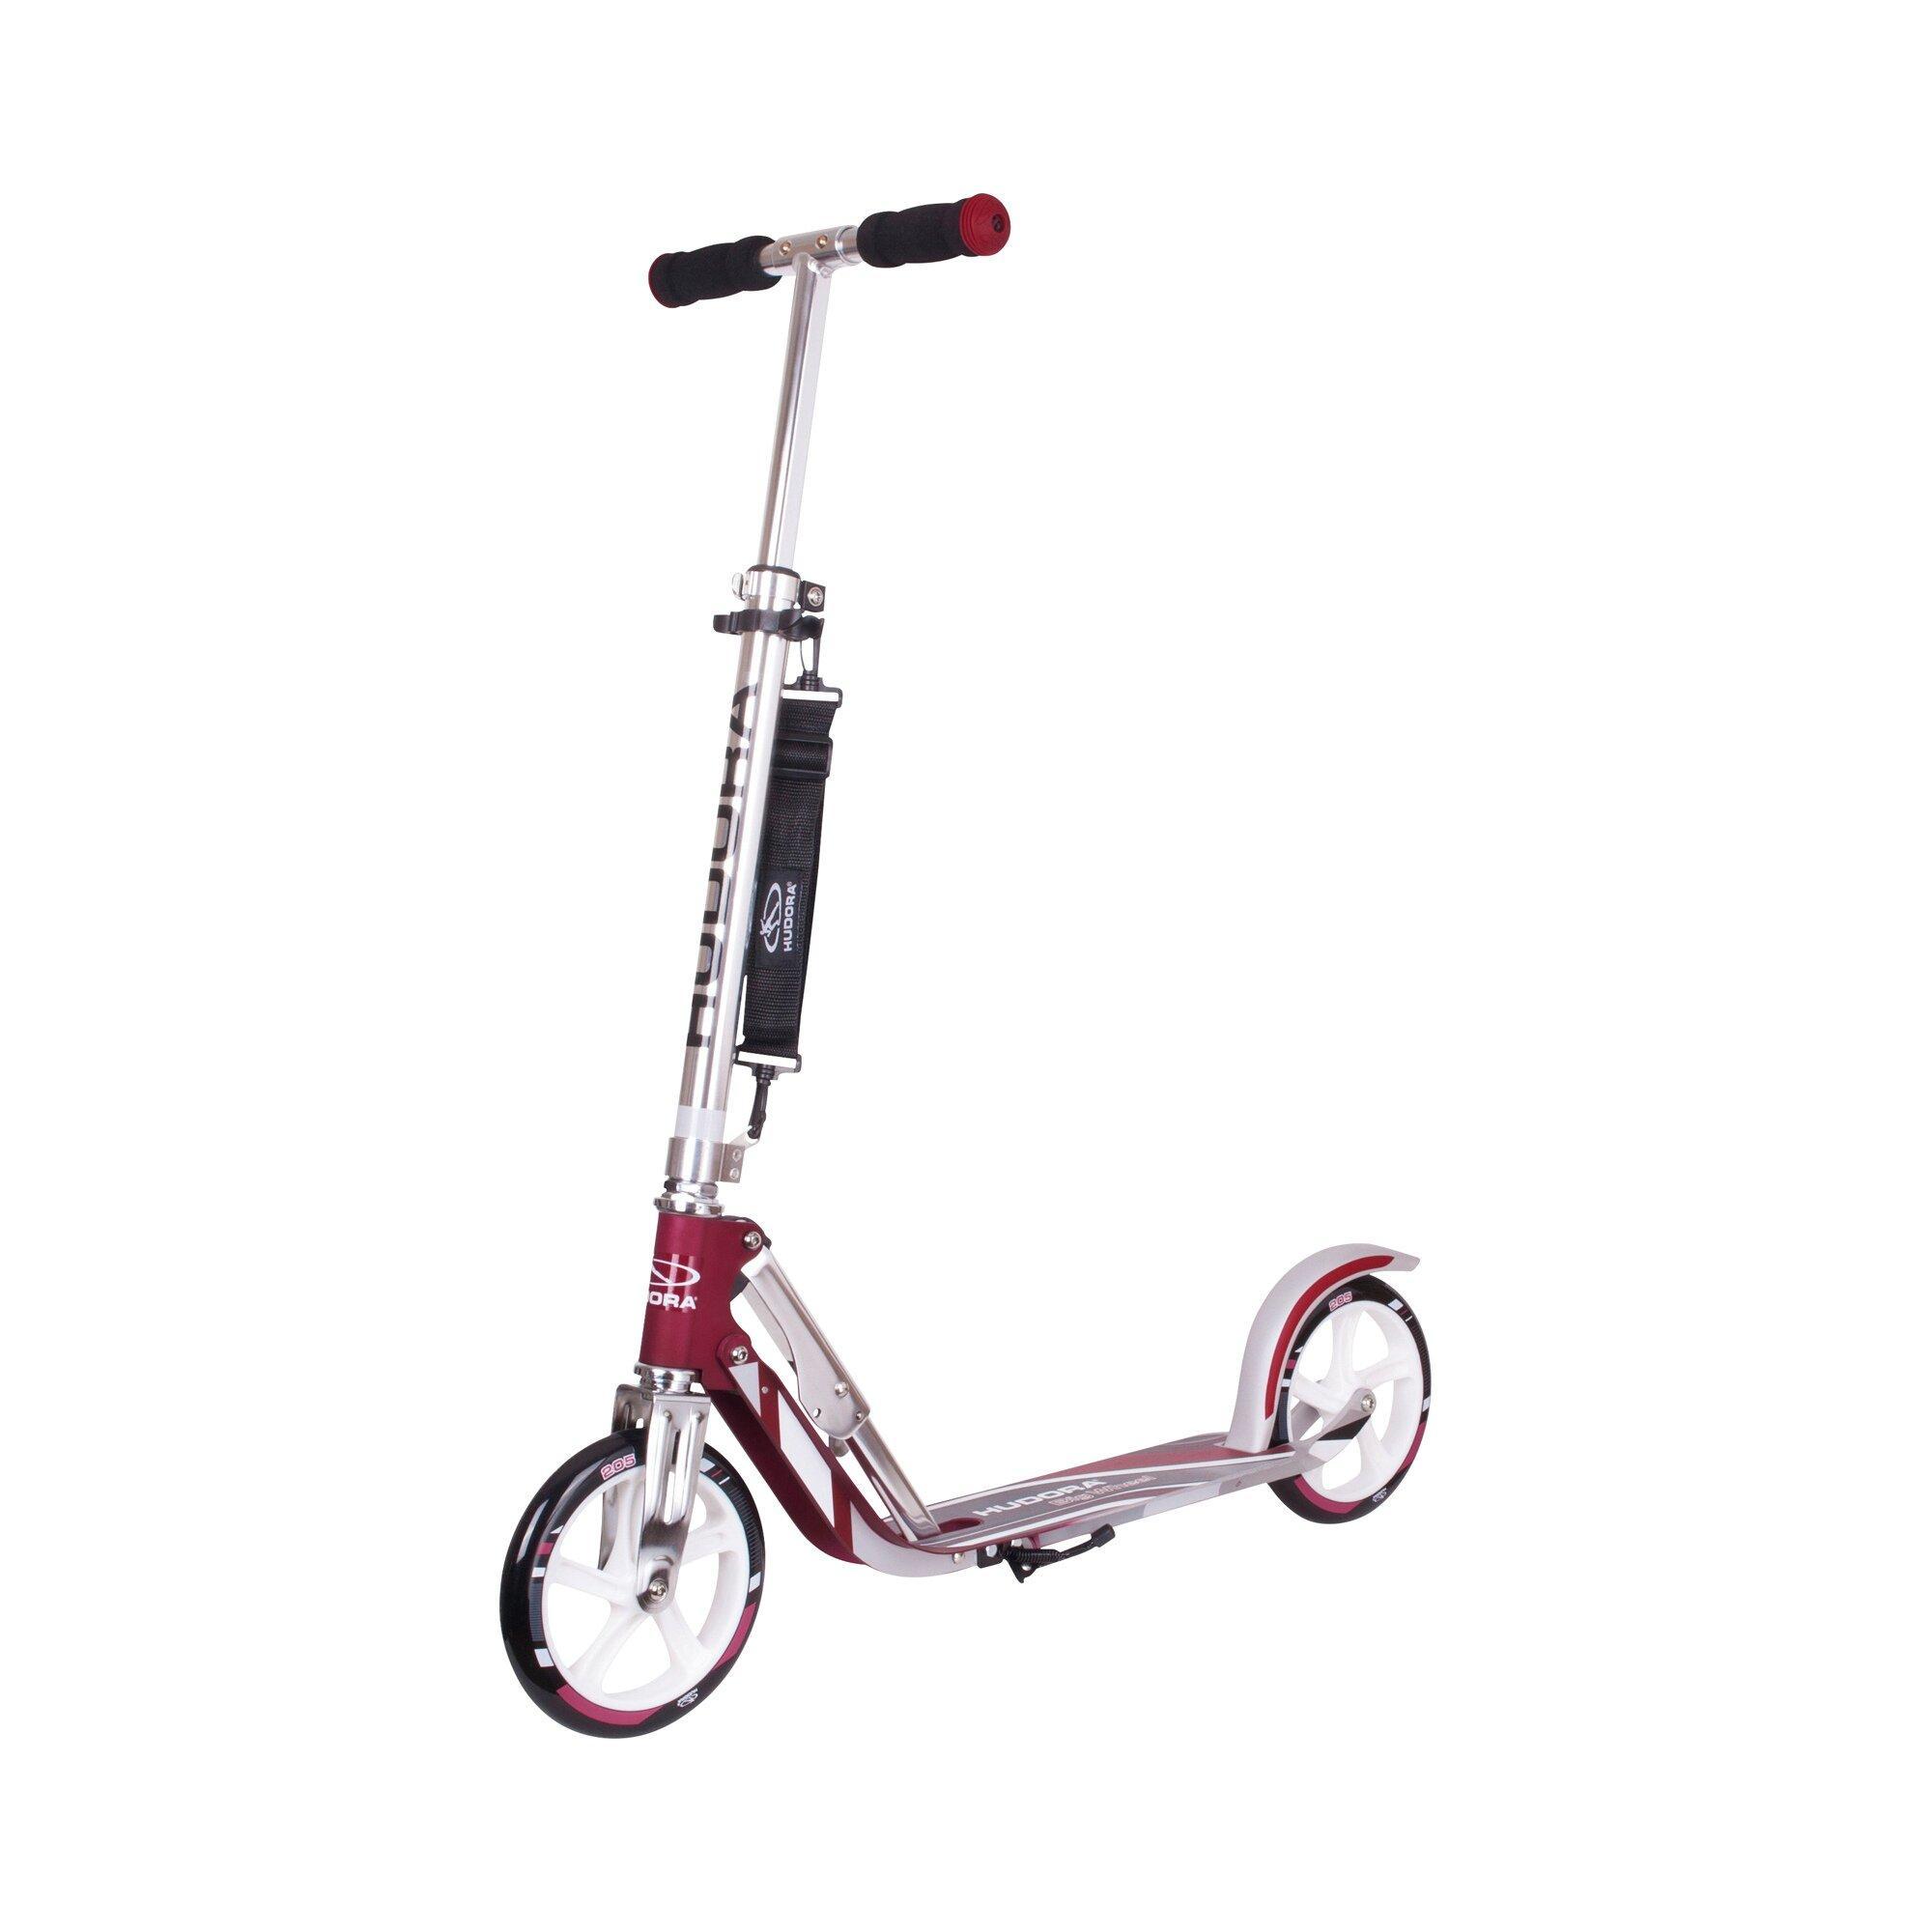 Scooter BigWheel 205